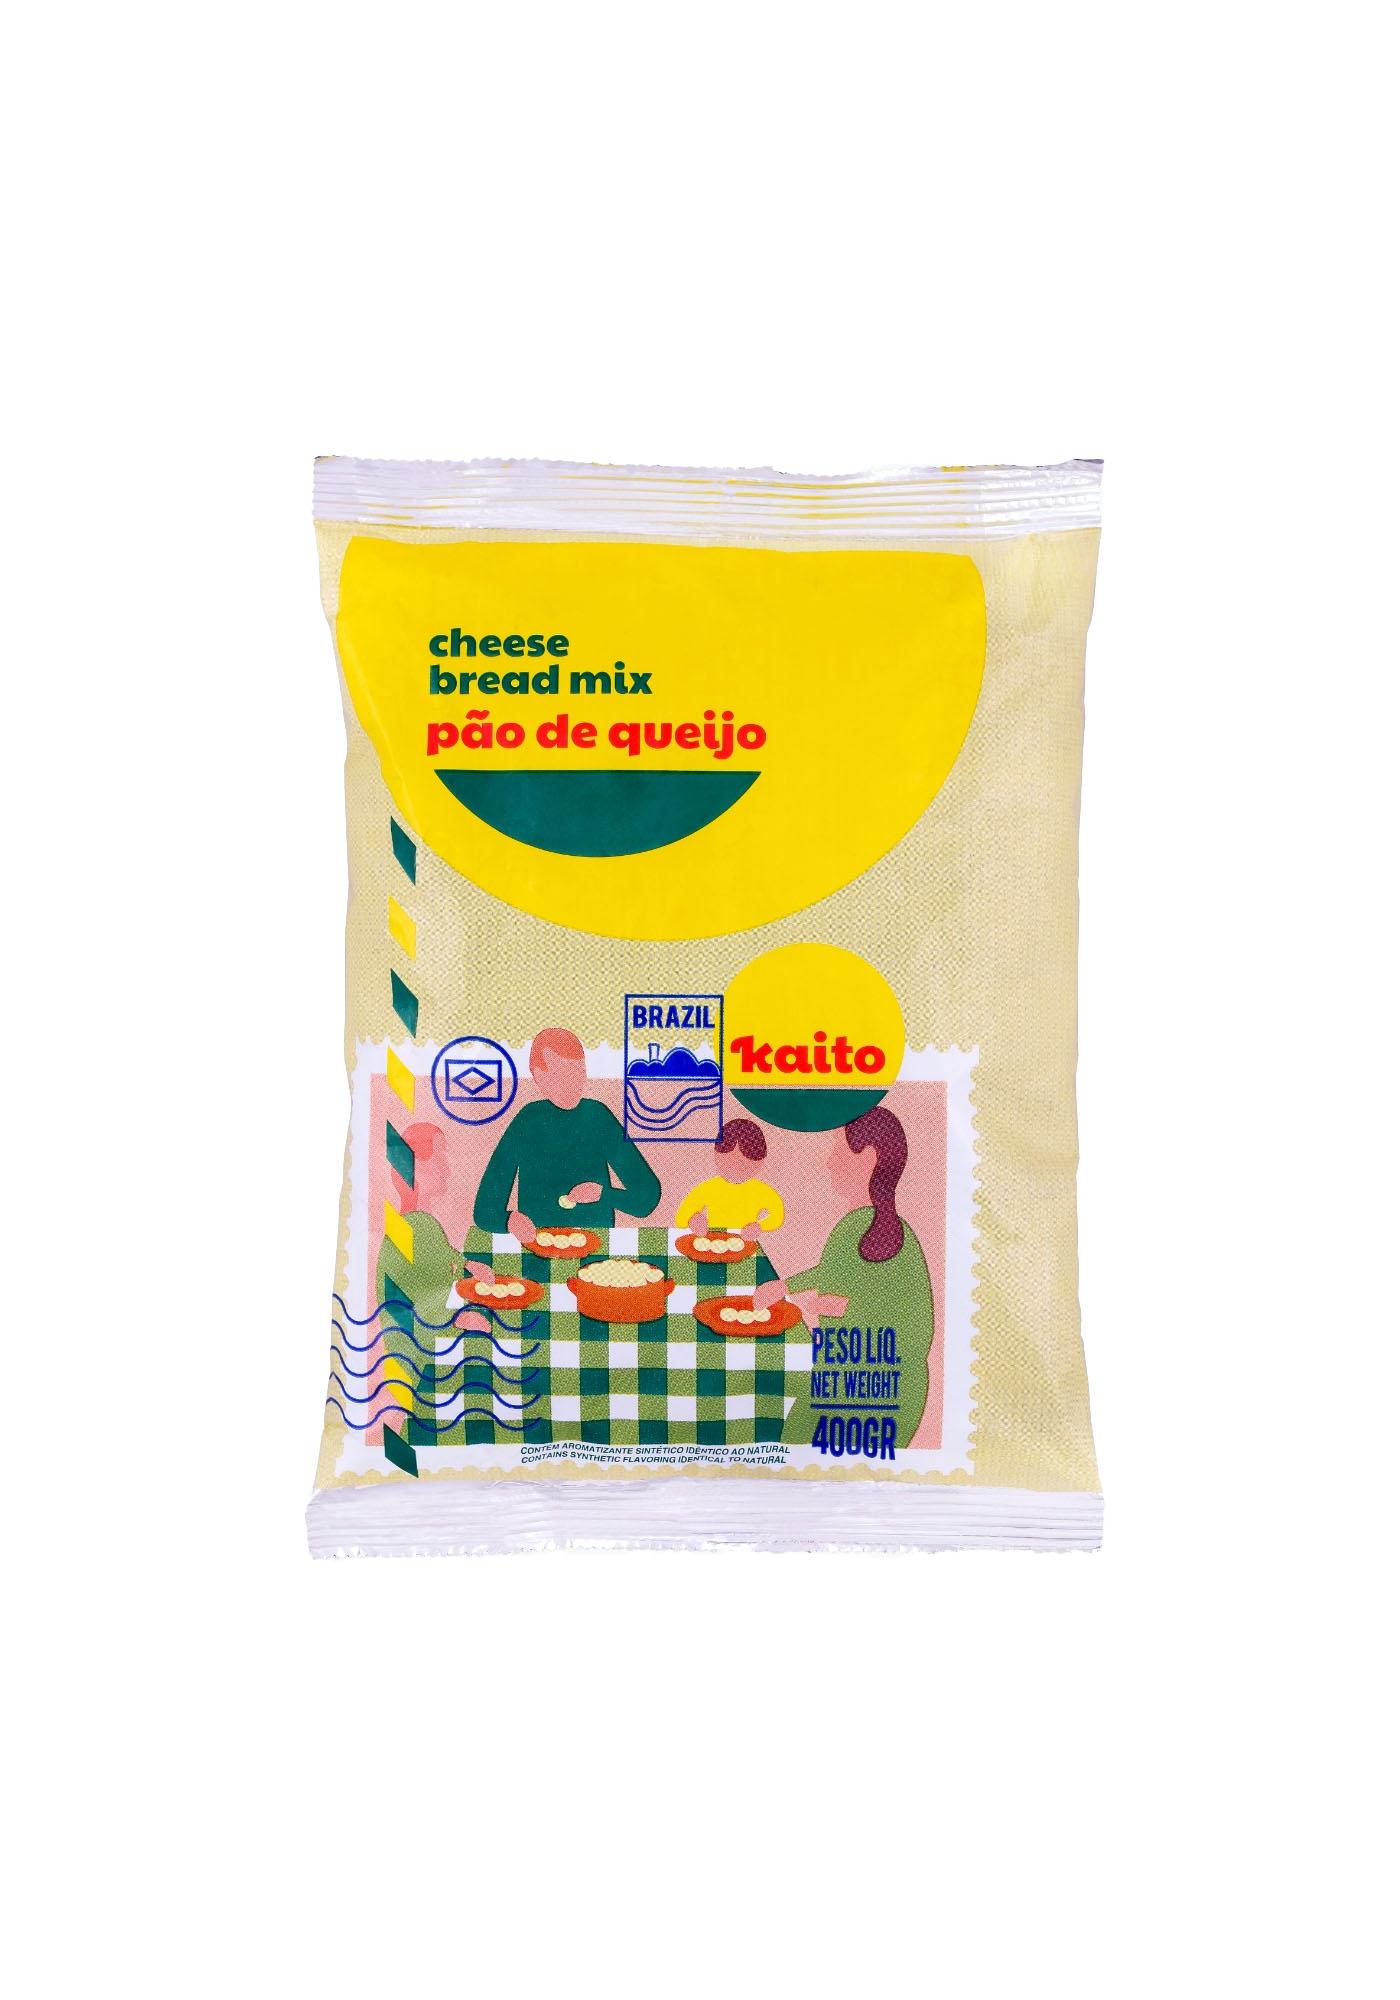 pao de queijo kaito